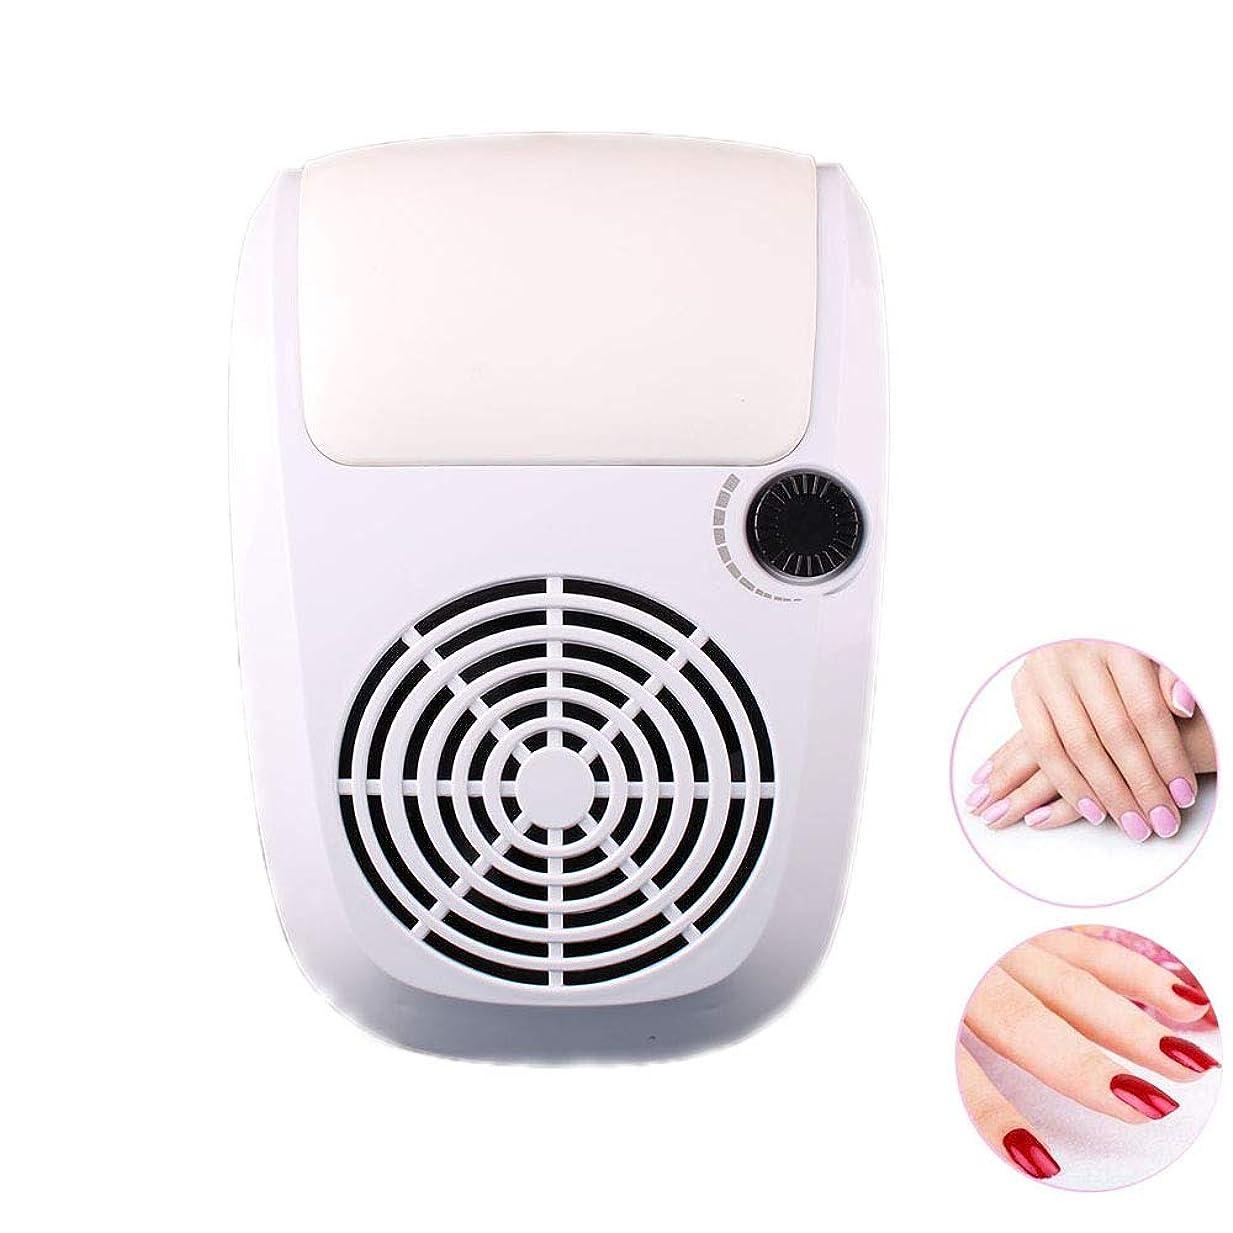 効果過度の敏感な調節可能な掃除機、2つの塵袋が付いている調節可能で強力で釘の掃除機のマニキュア用具、実用的で釘の大広間のクリーニング装置,白